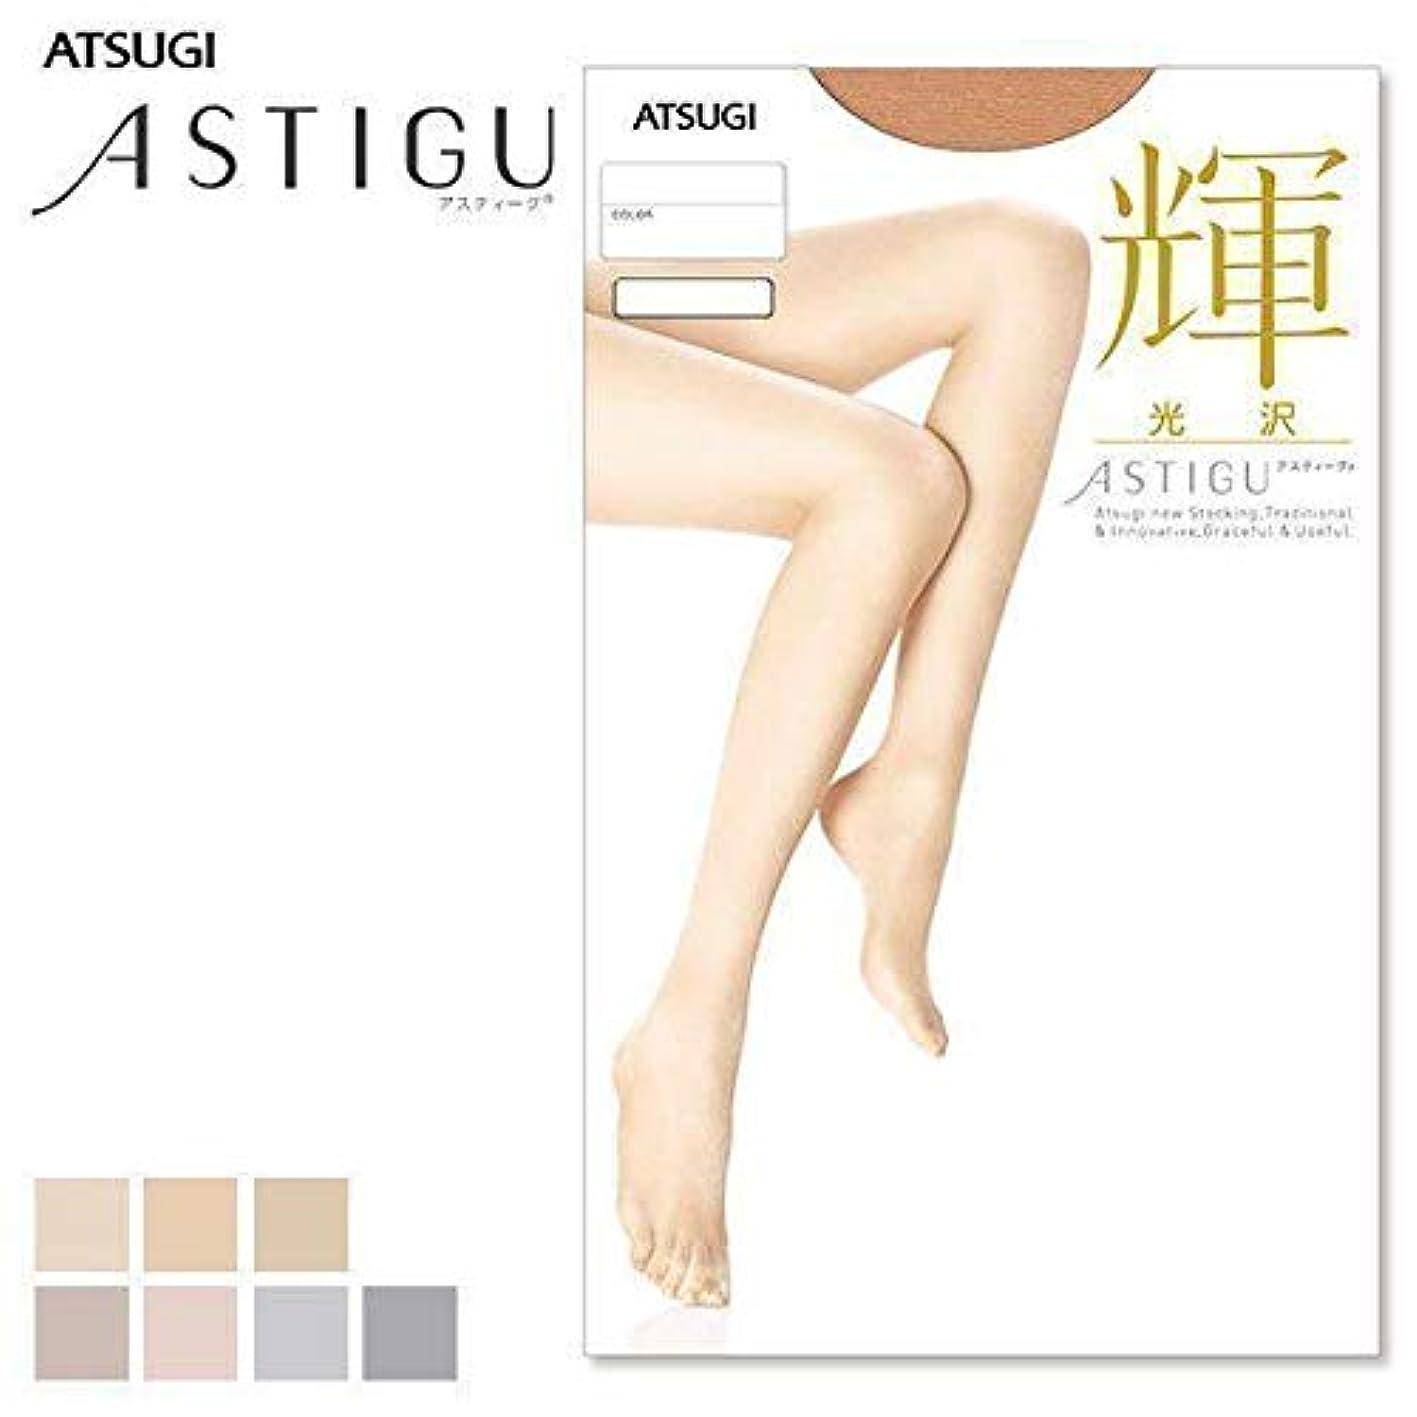 エレガント中断症候群アツギ ASTIGU(アスティーグ)輝(ヌーディベージュ)サイズ M~L